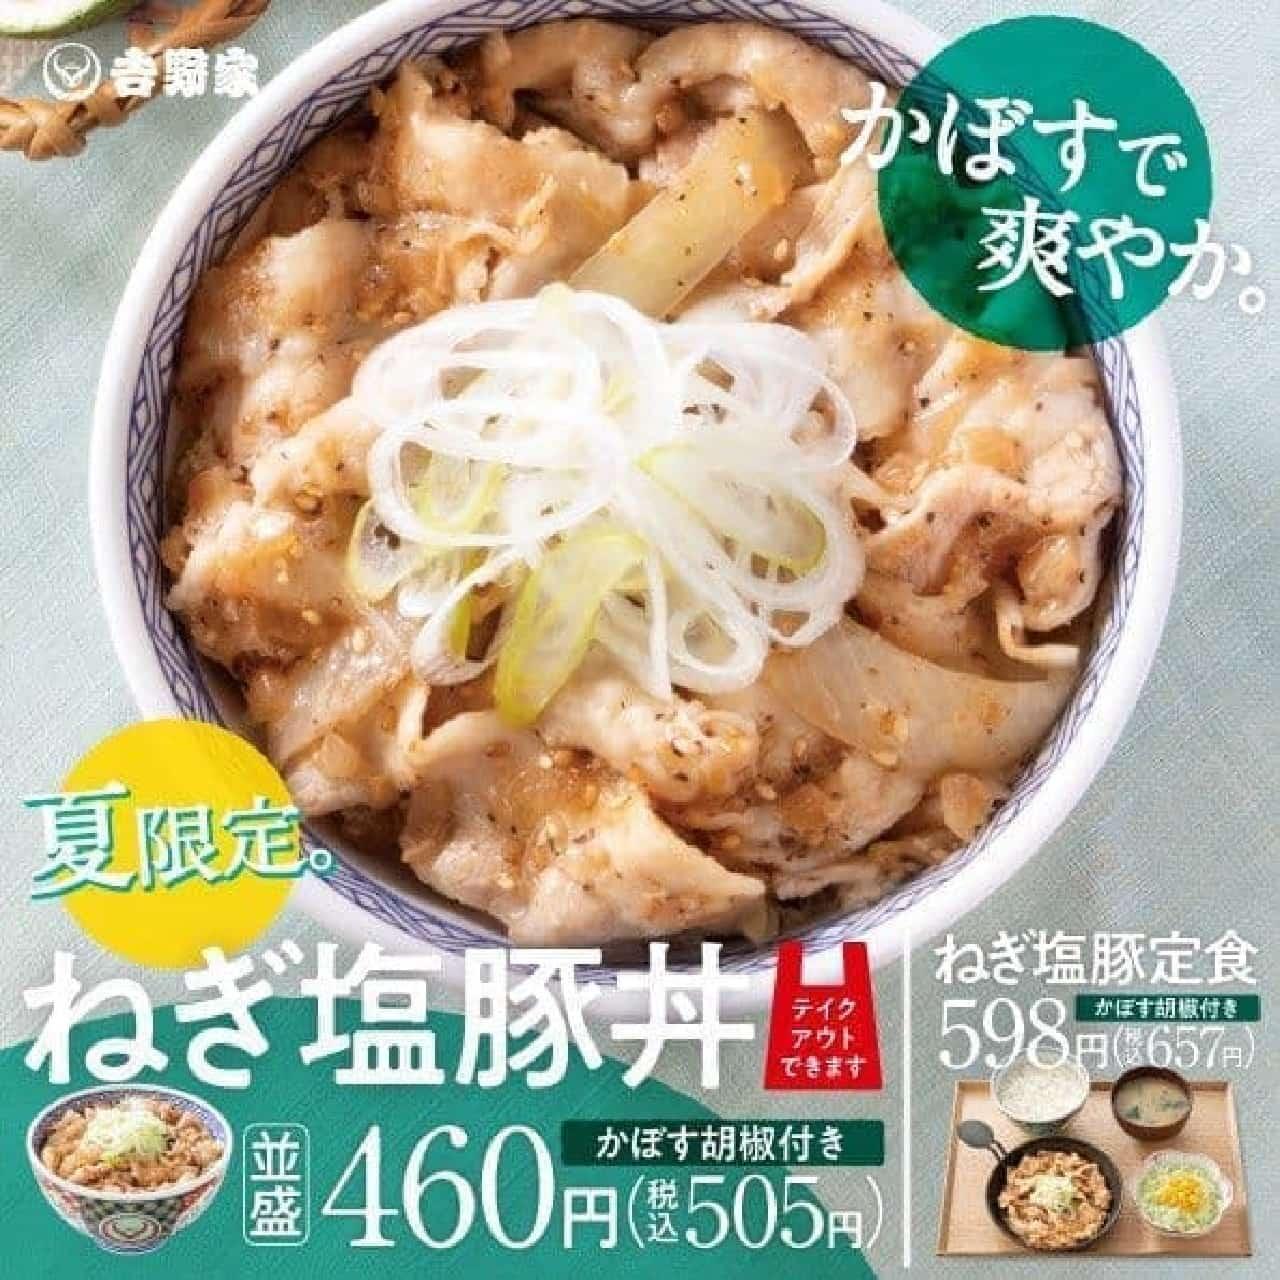 吉野家の夏の定番商品「ねぎ塩豚丼」